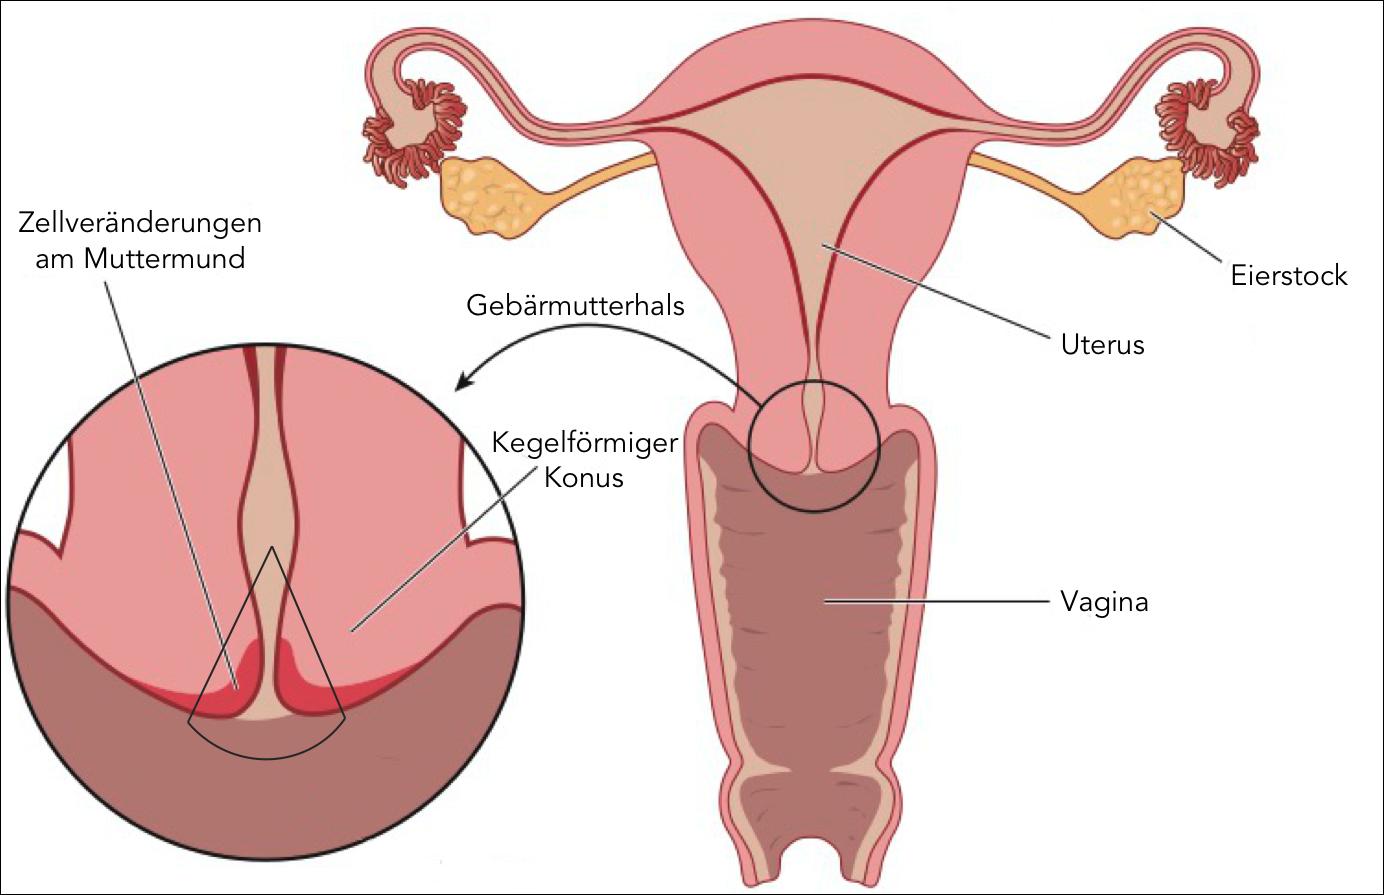 eszközök a férgek megelőzésére és kezelésére az emberi féreg tünetei a kezelést jelzik